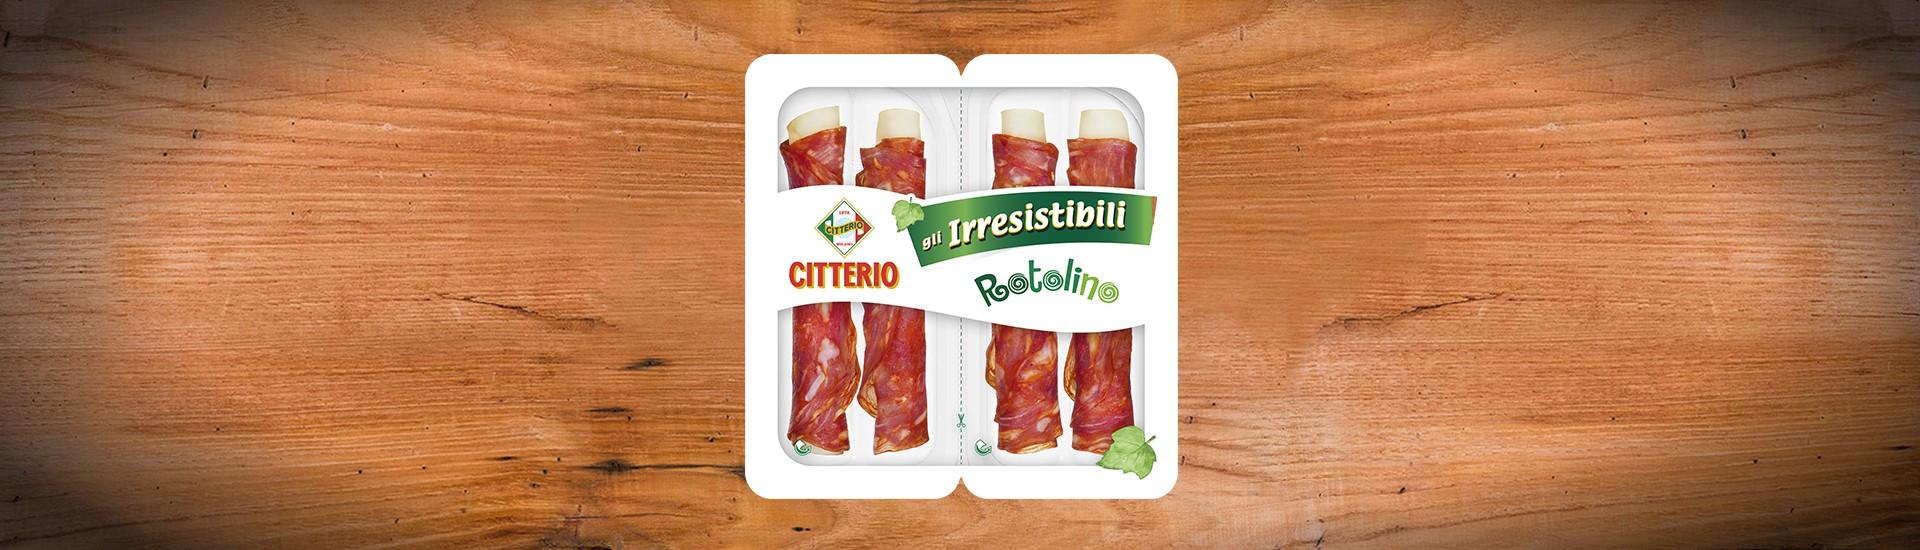 citterio-cover-rotolini-salamepiccante.jpg